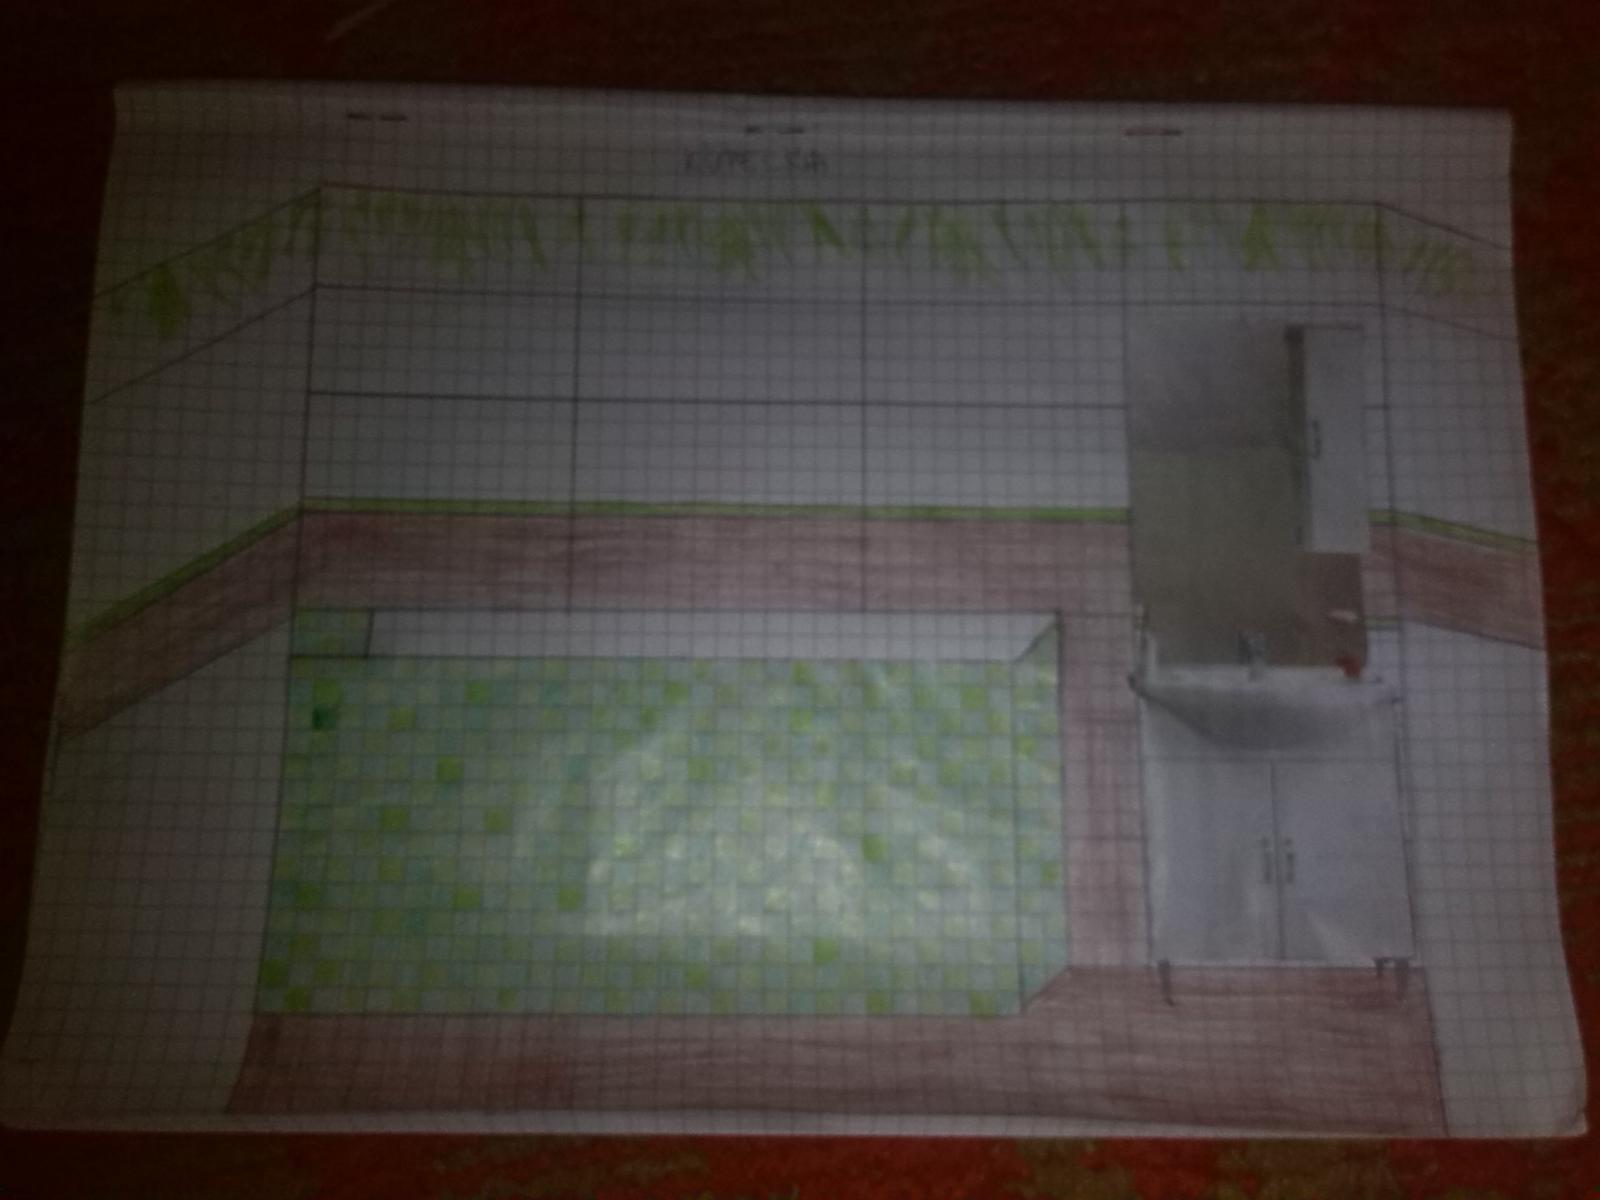 Wc-ko a kúpelňa - môj prvý náčrtok farieb kúpelne